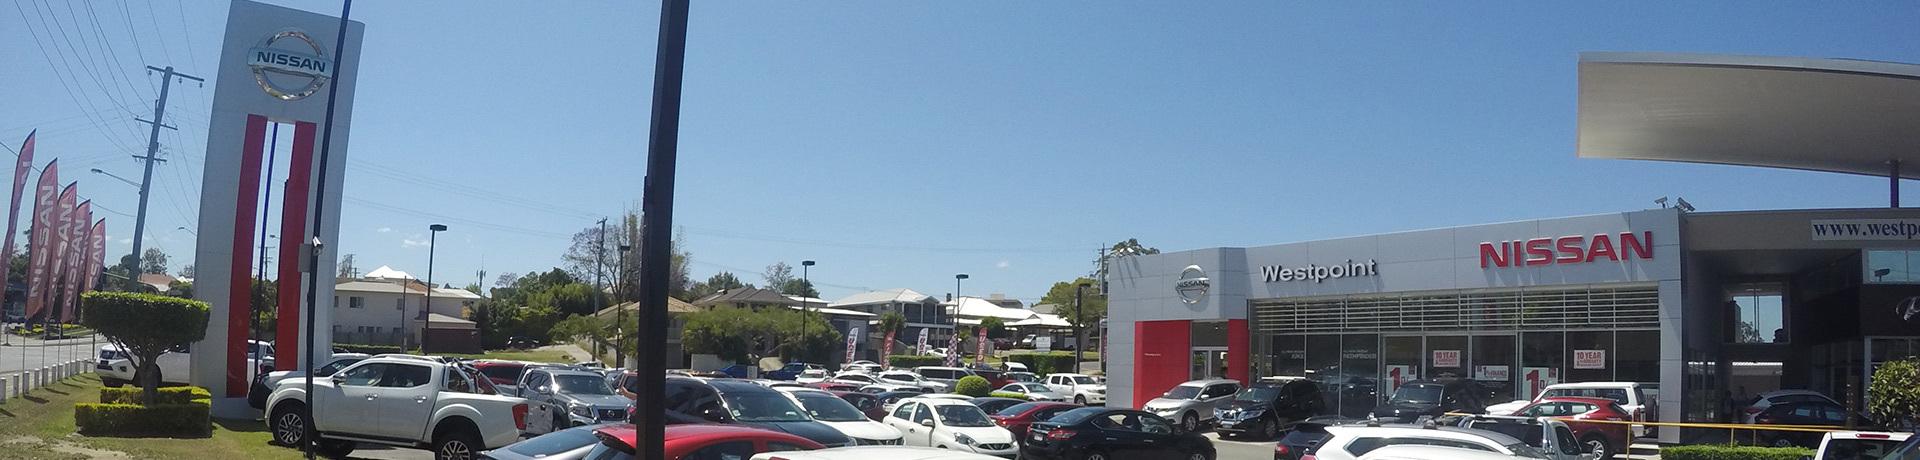 Westpoint Nissan   Banner 2